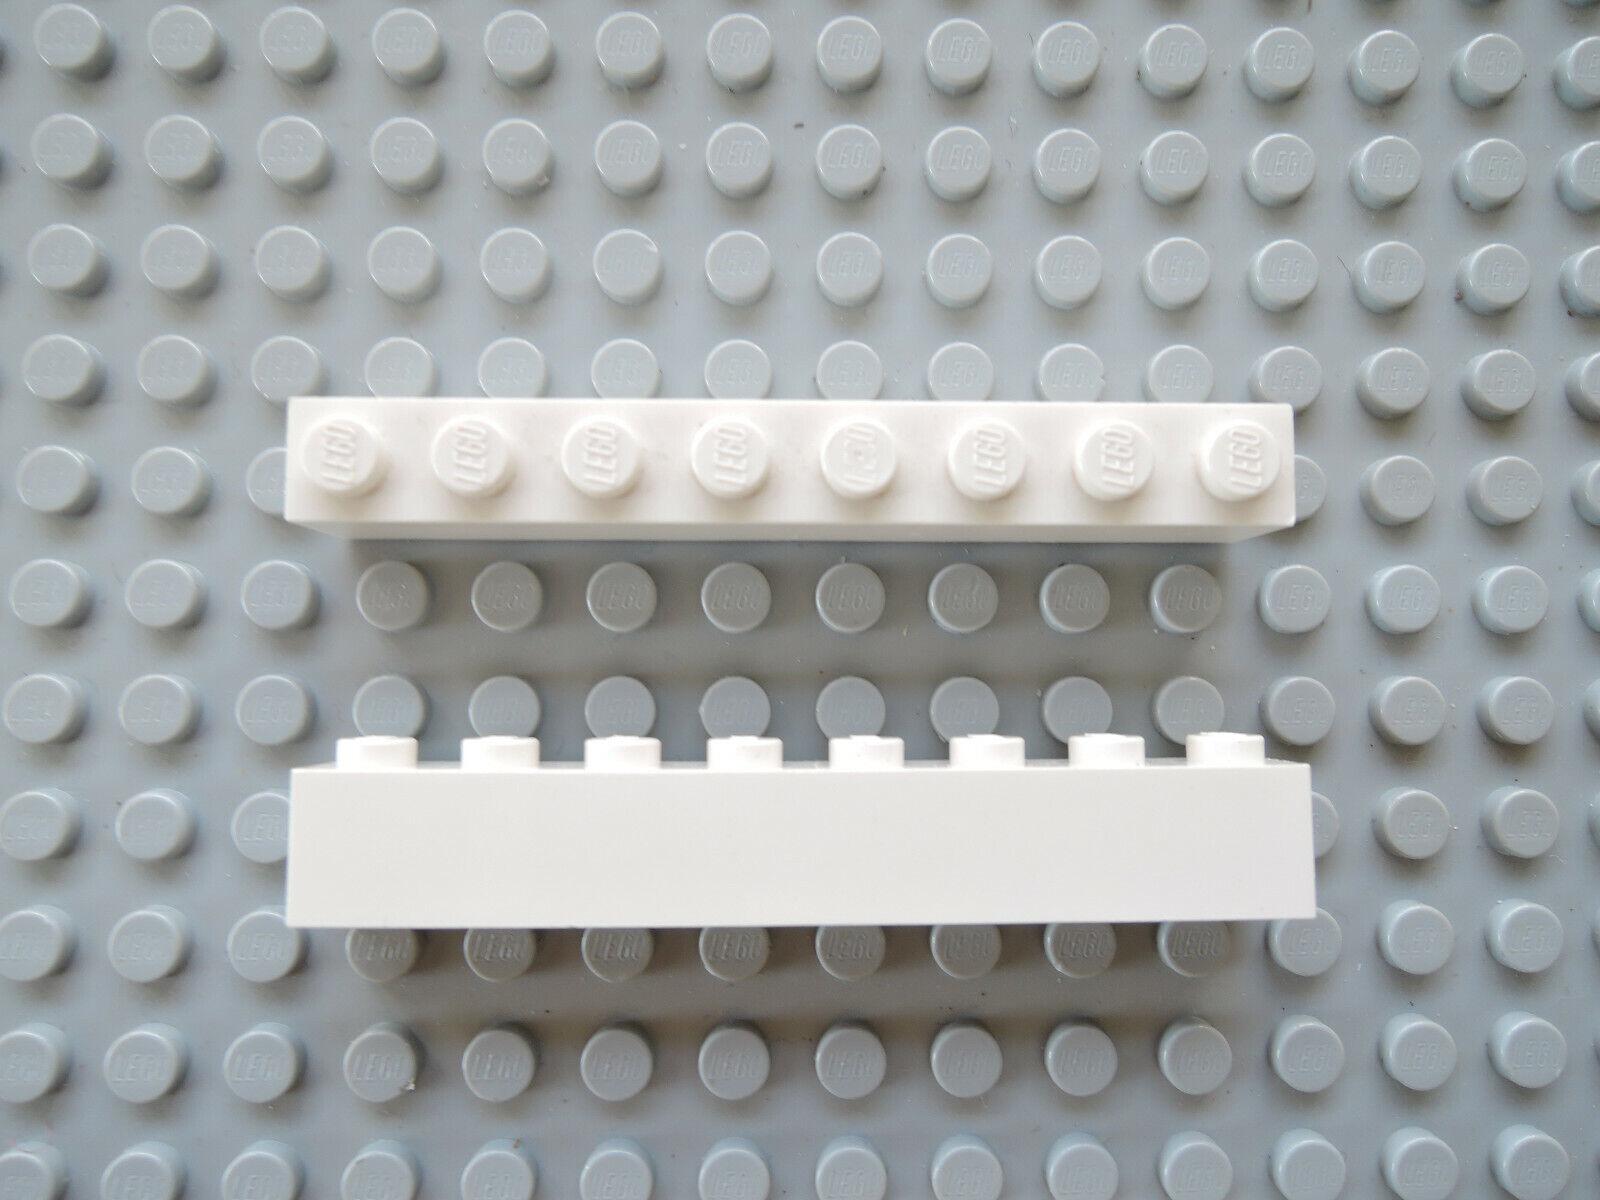 LEGO 10 x Stein Basic Baustein hoch 3010 1x4  rot